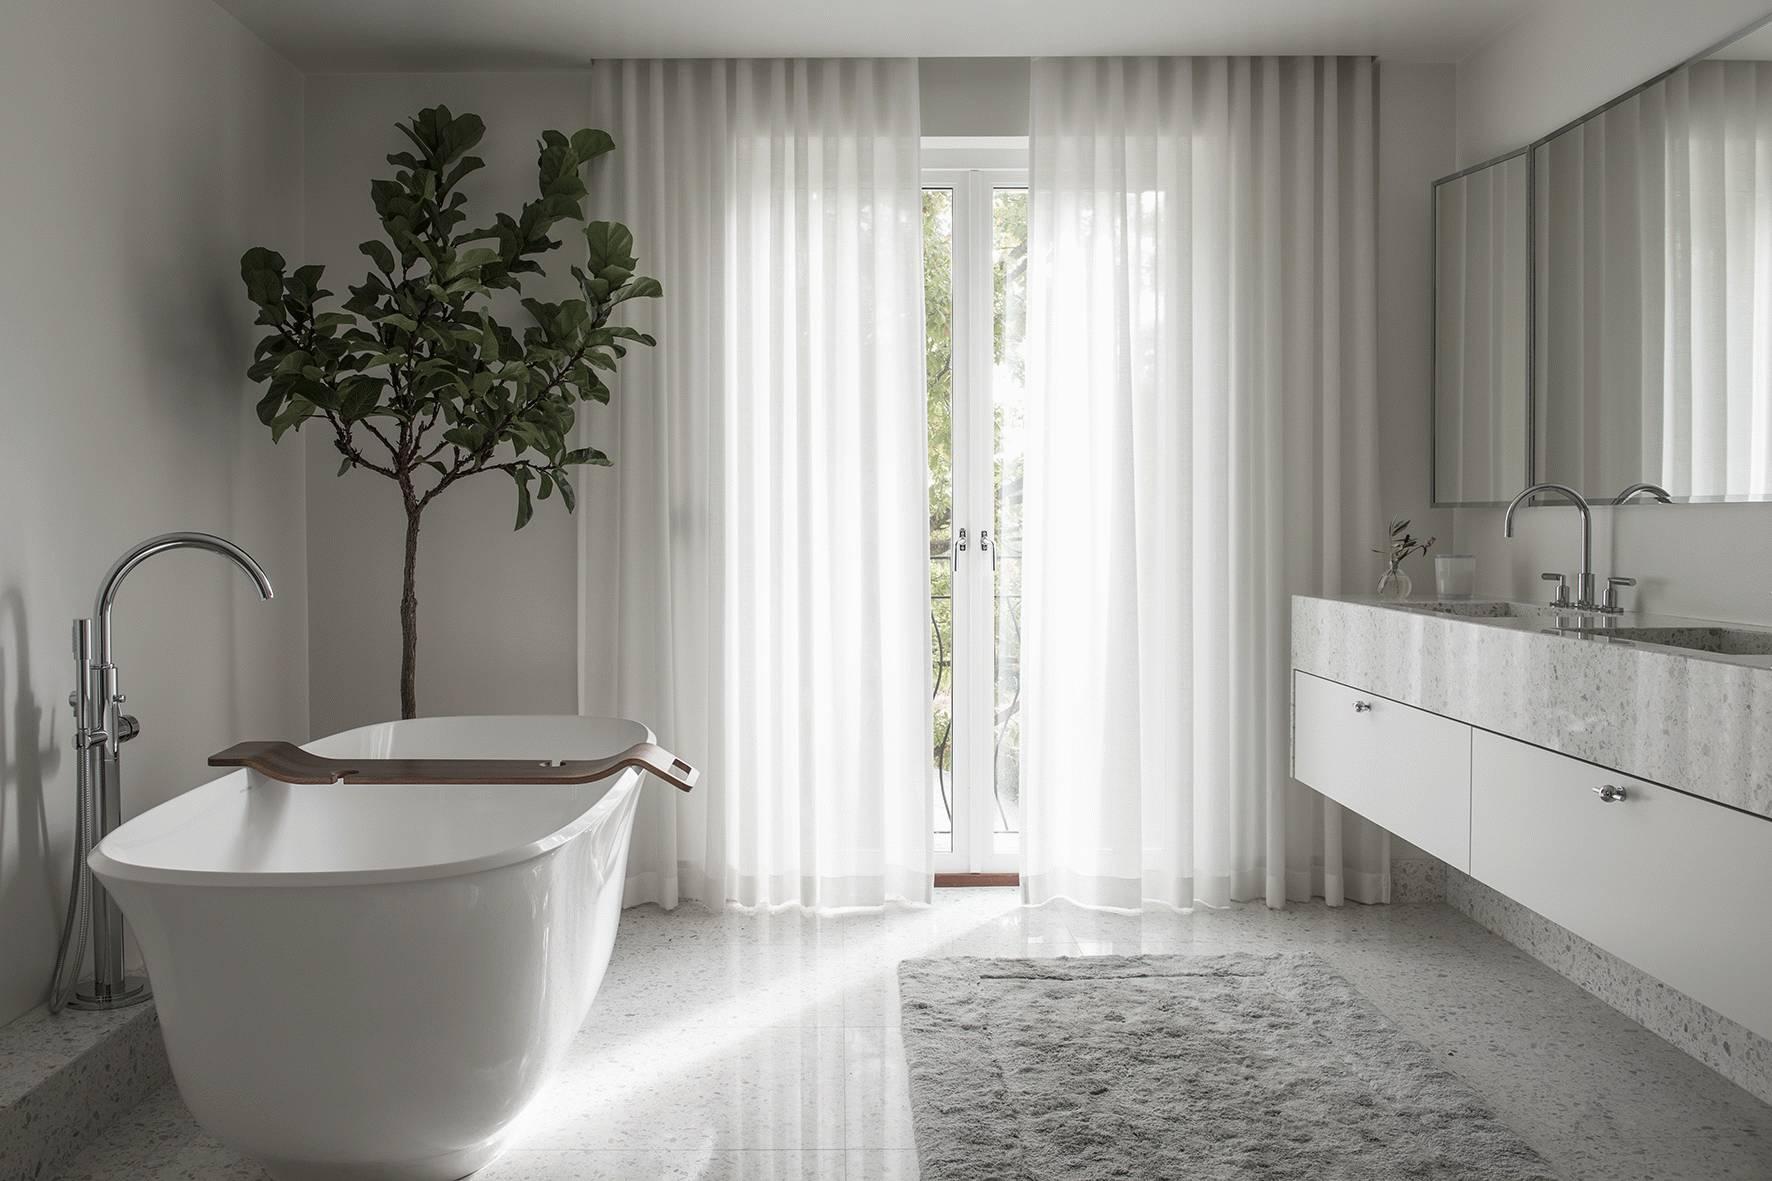 大戶型室內浴室裝潢裝修設計圖片